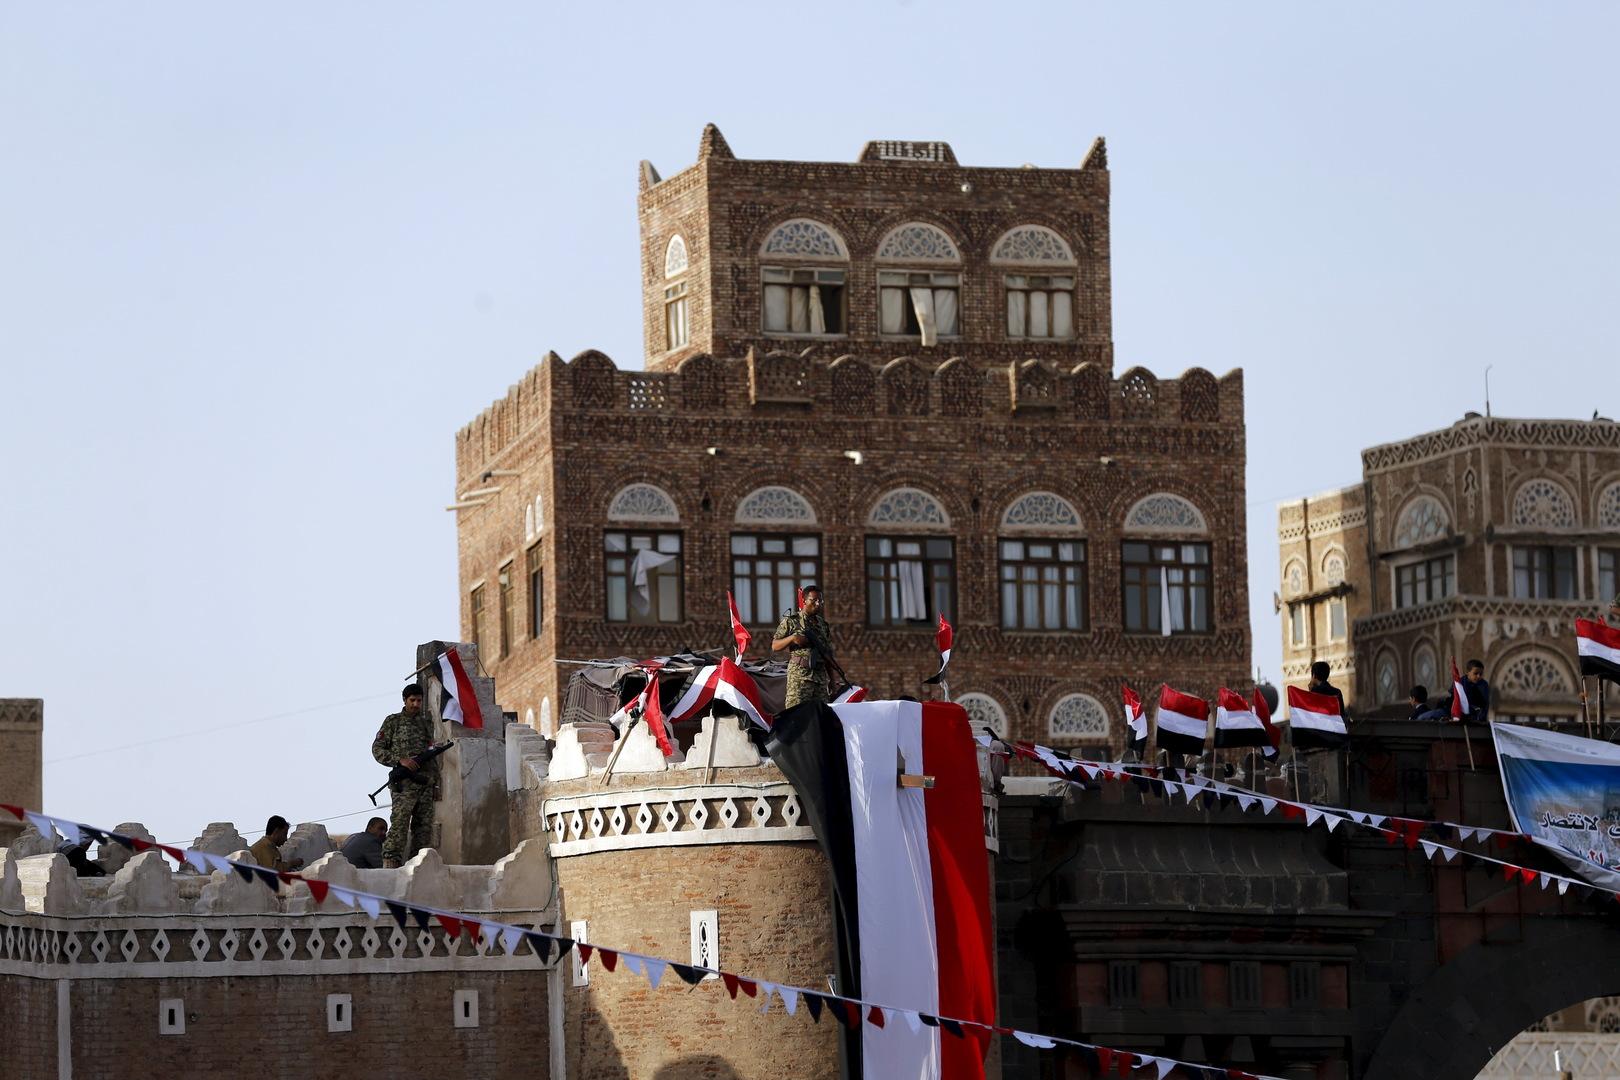 الحكومة اليمنية تدين محاولة اغتيال وزير الخدمة المدنية والتأمينات